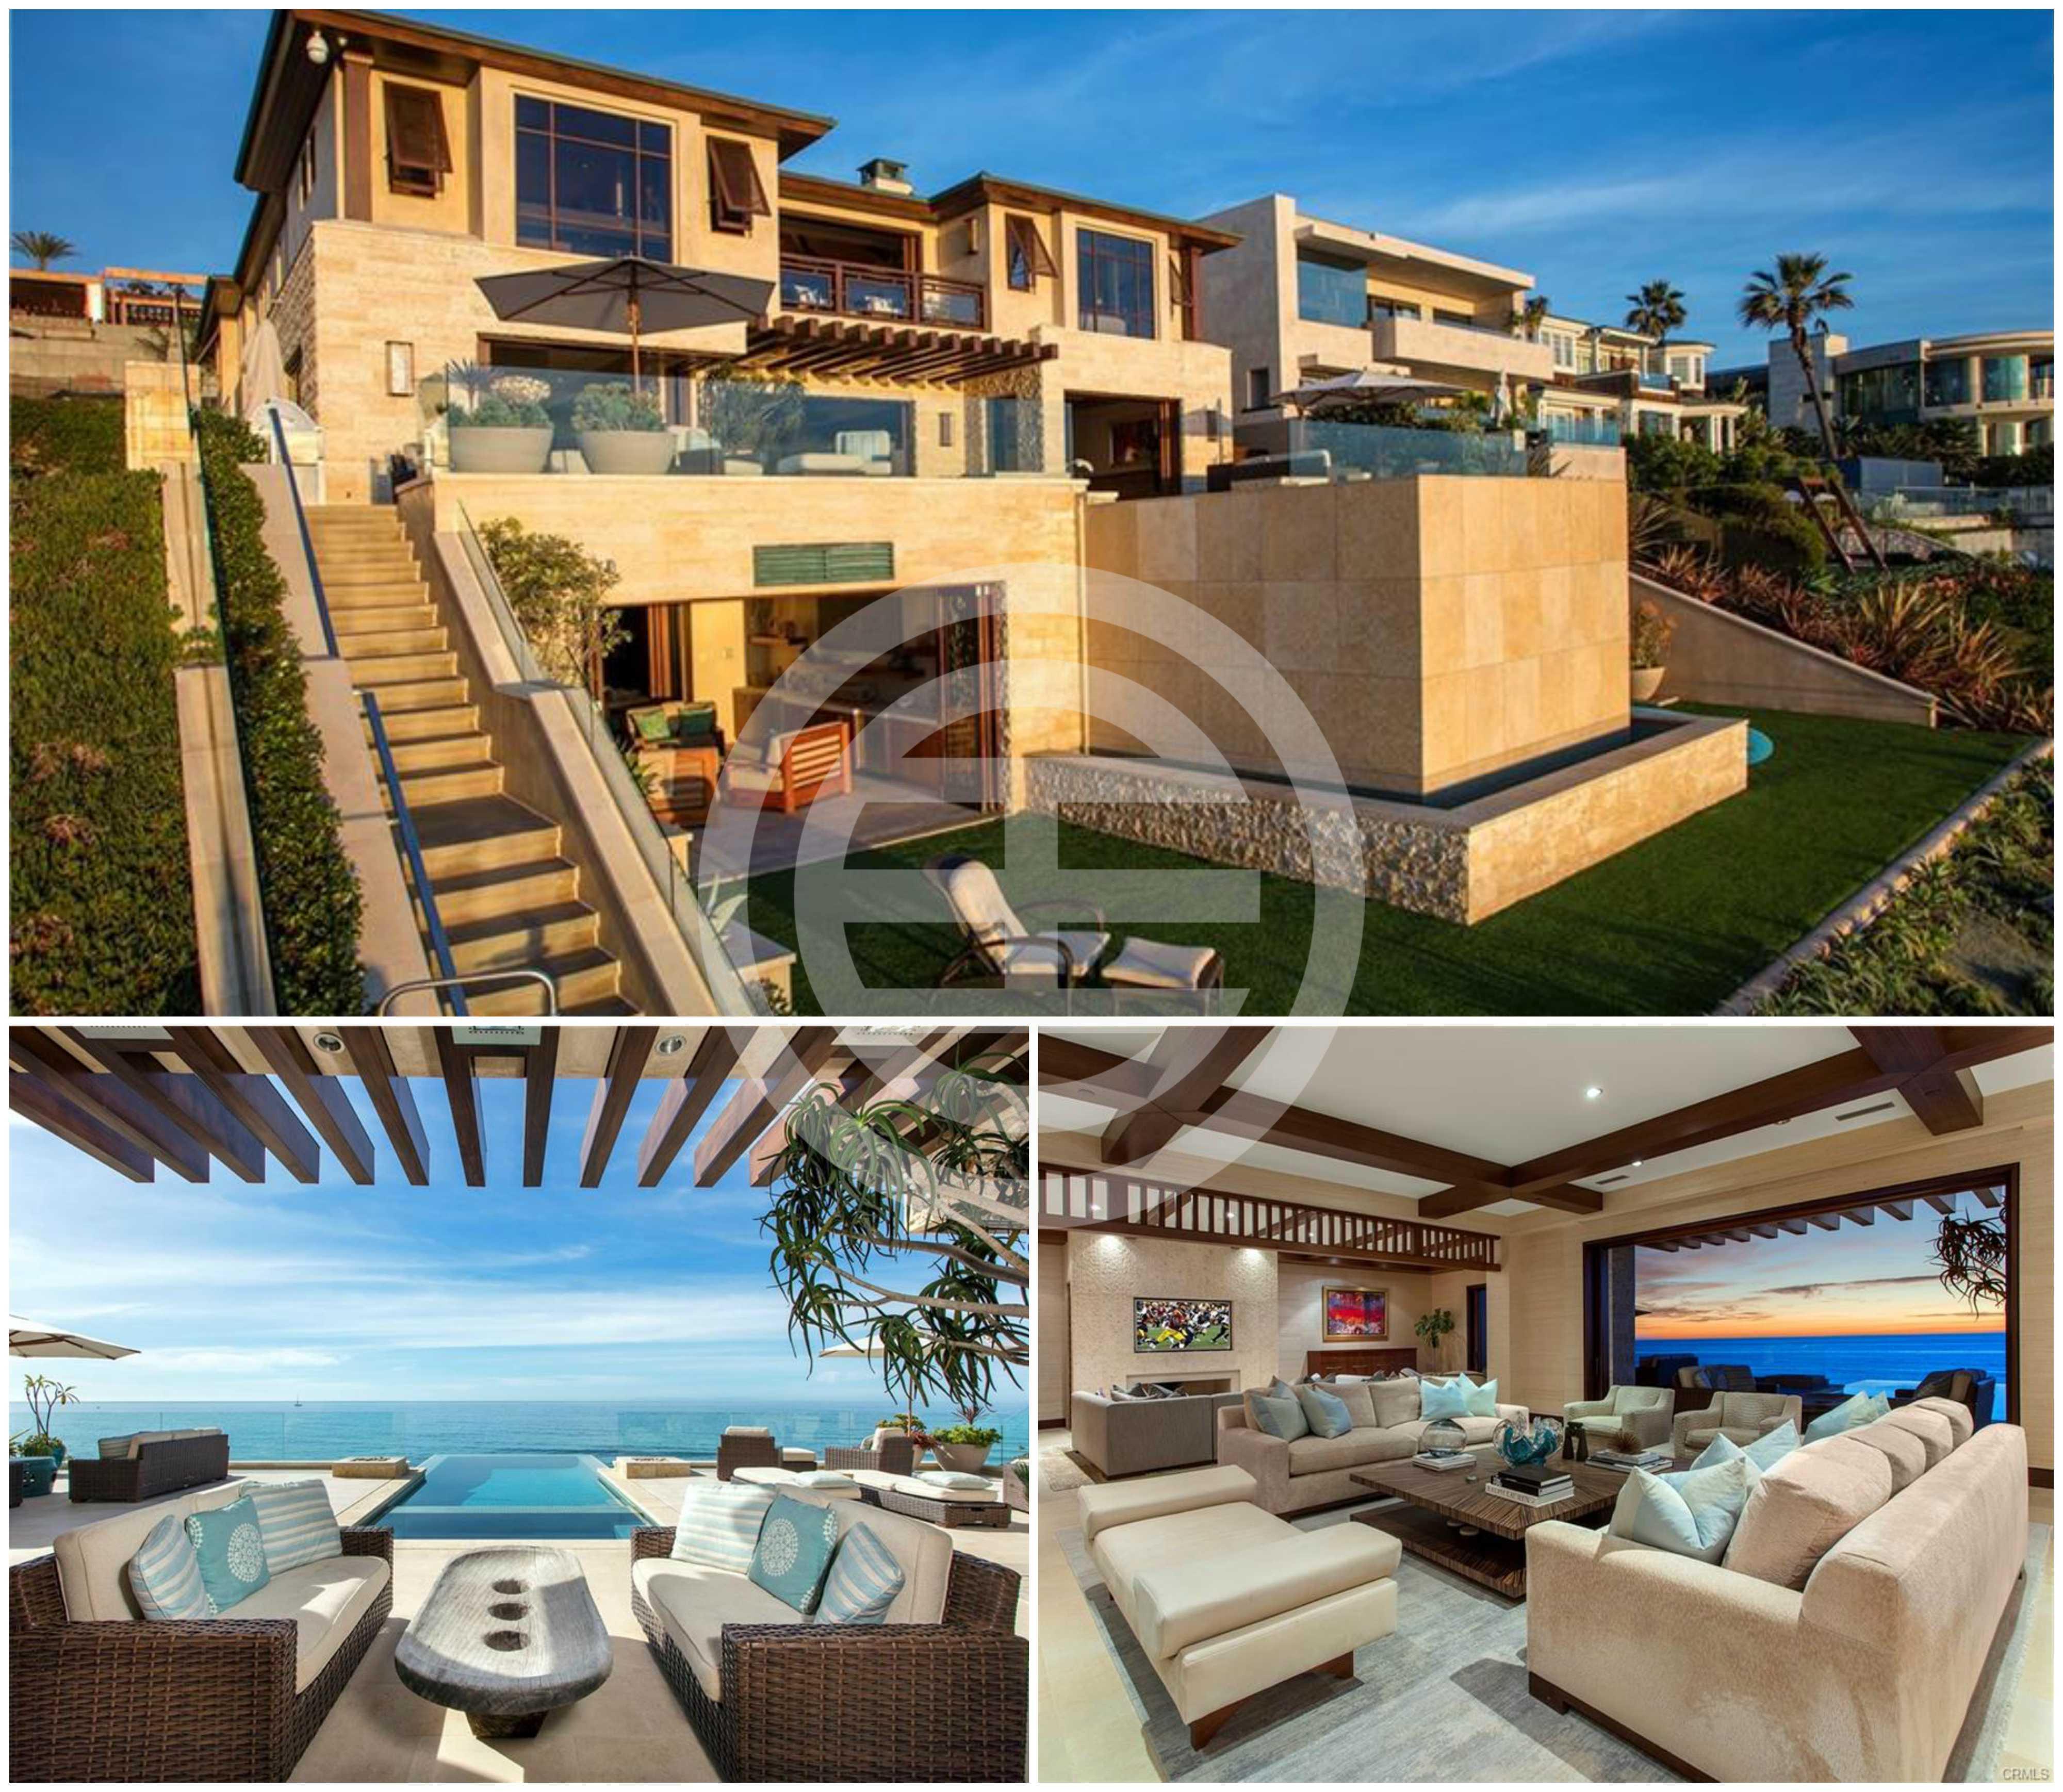 兰登湾地产在居外网上挂牌的一套加州橙县5卧6卫豪宅(点击图片查看房源信息)